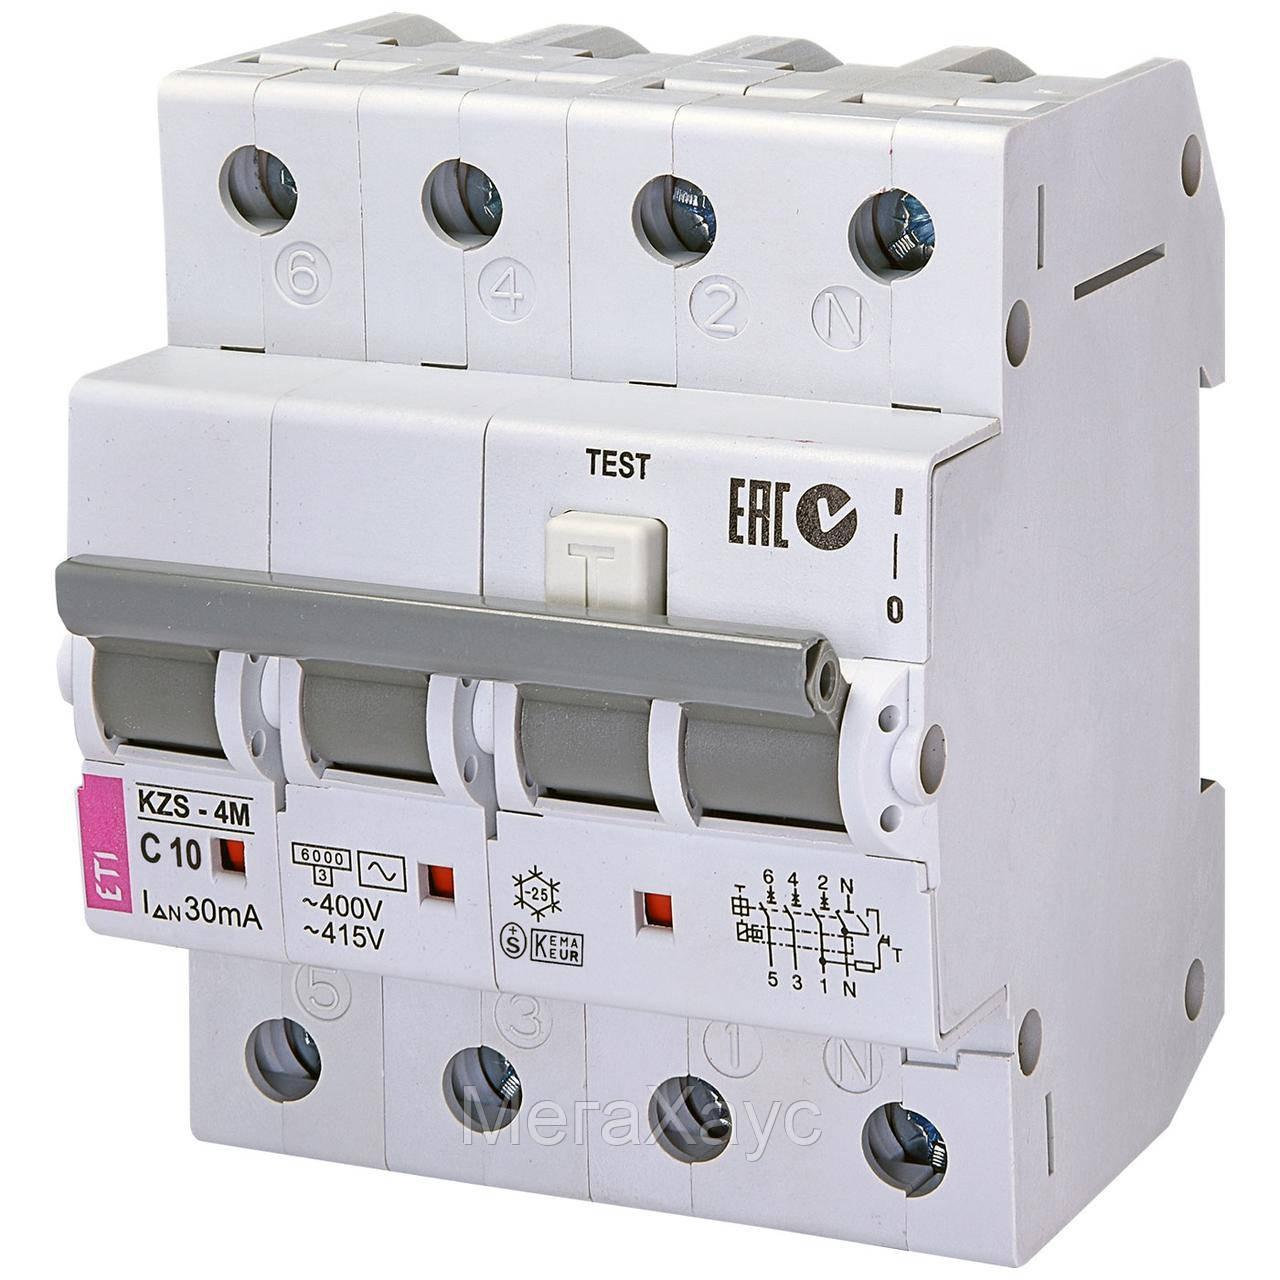 Дифференциальный  автоматический выключатель ETI   KZS-4M 3p+N C 10/0,03 тип AC (